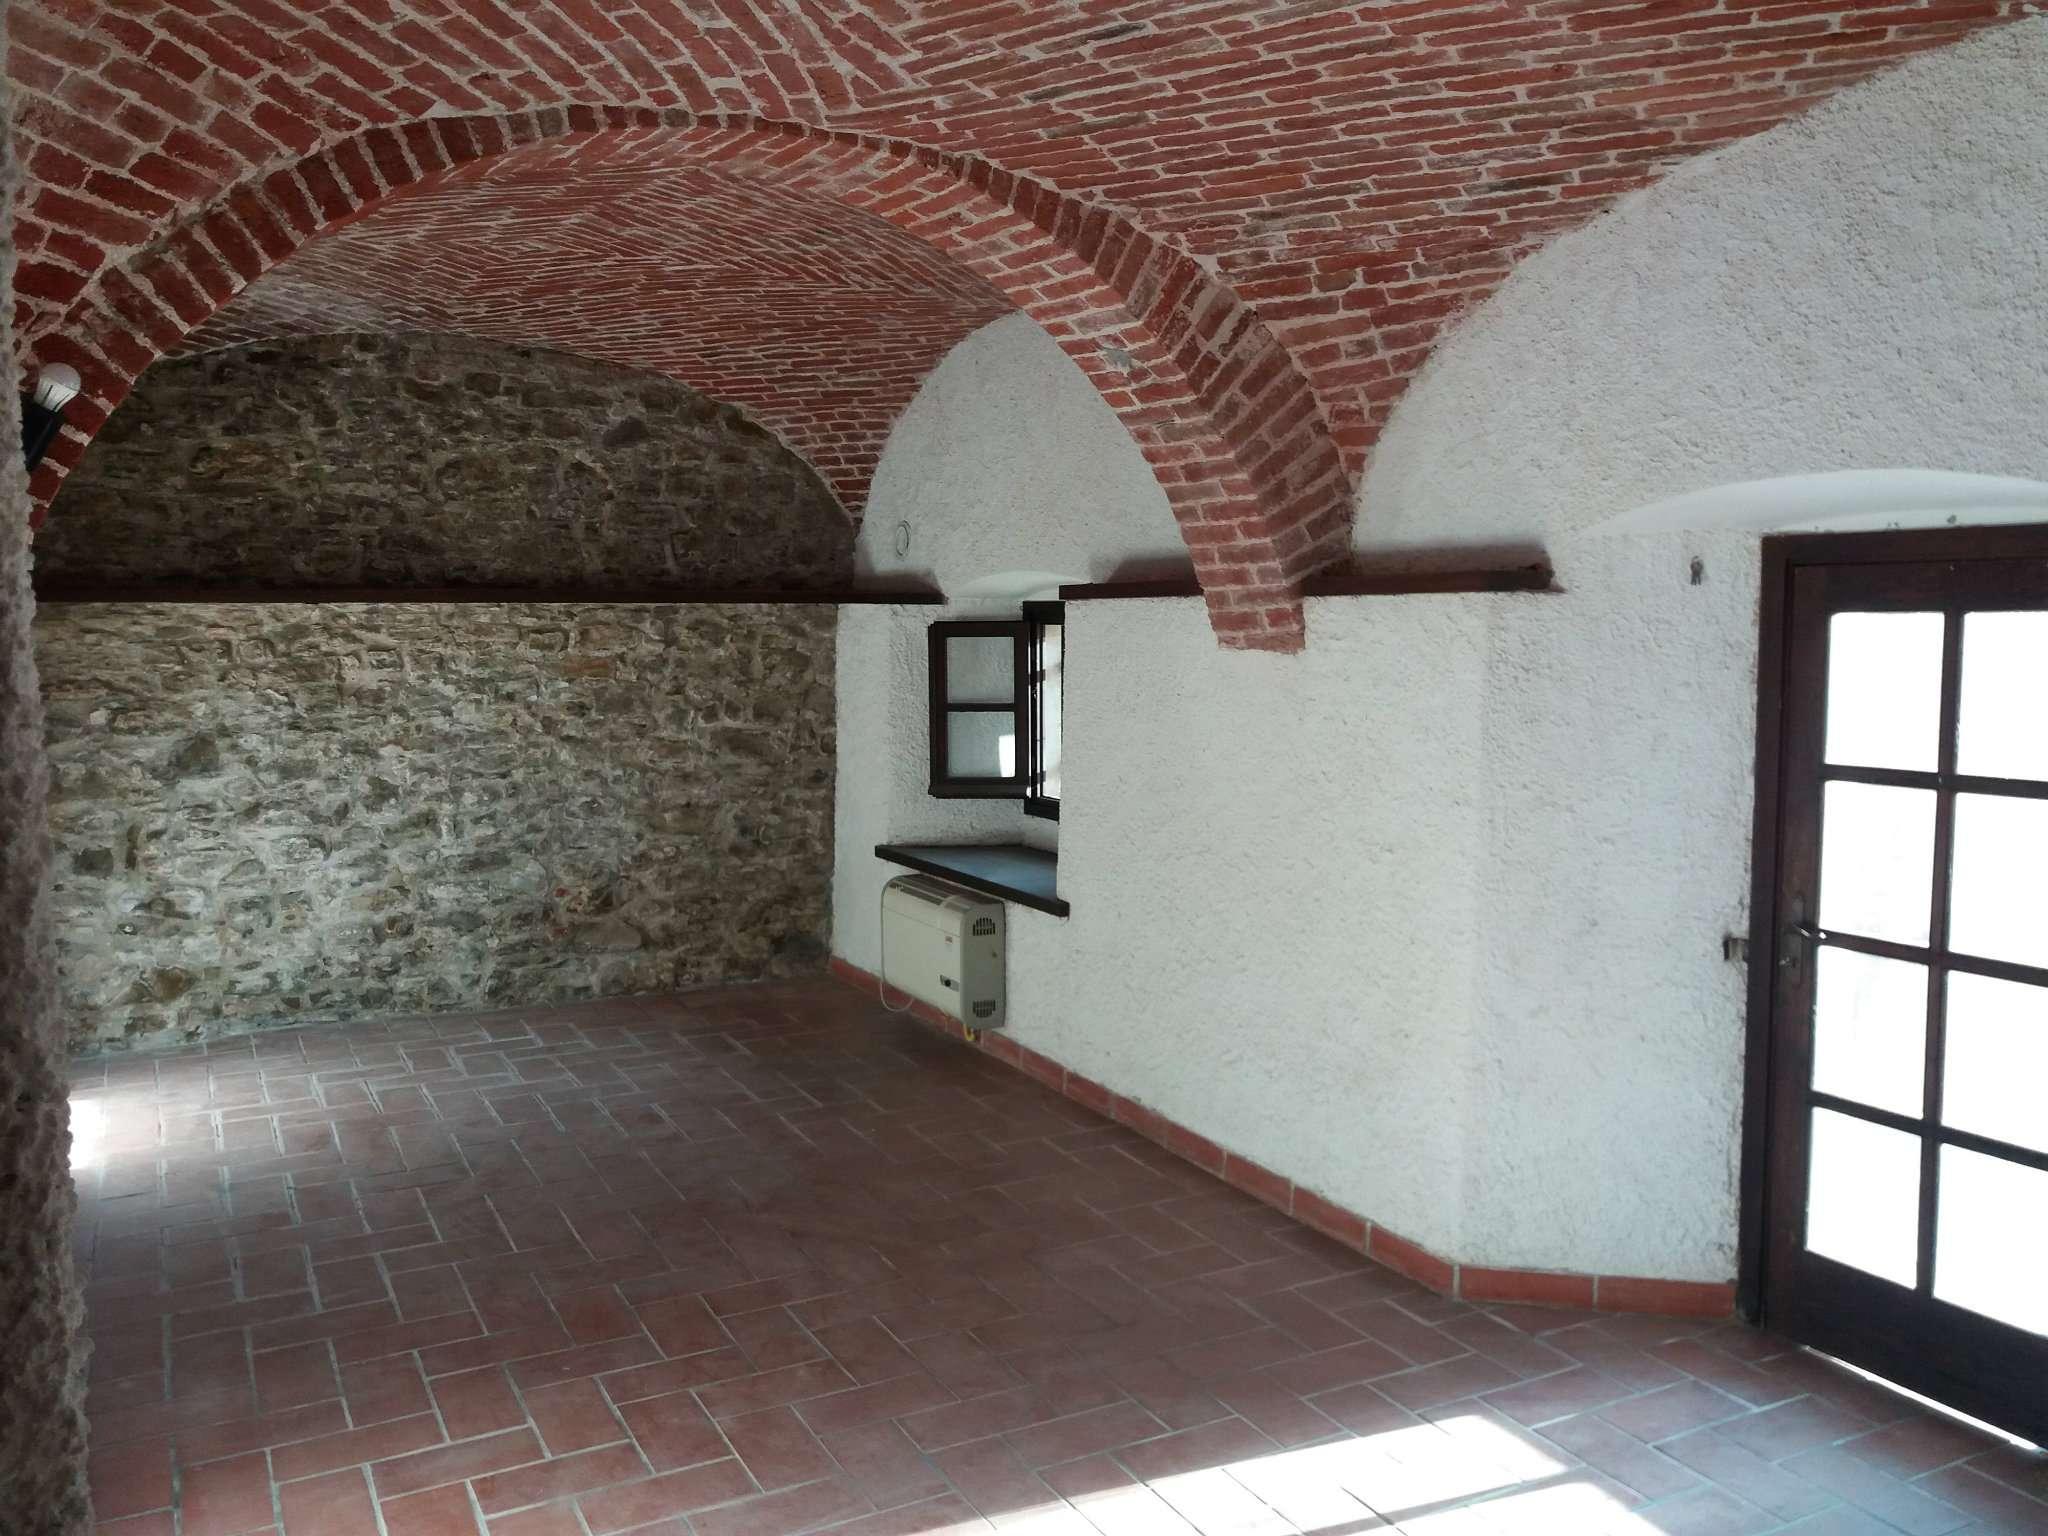 Foto 1 di Casa indipendente Tagliolo Monferrato